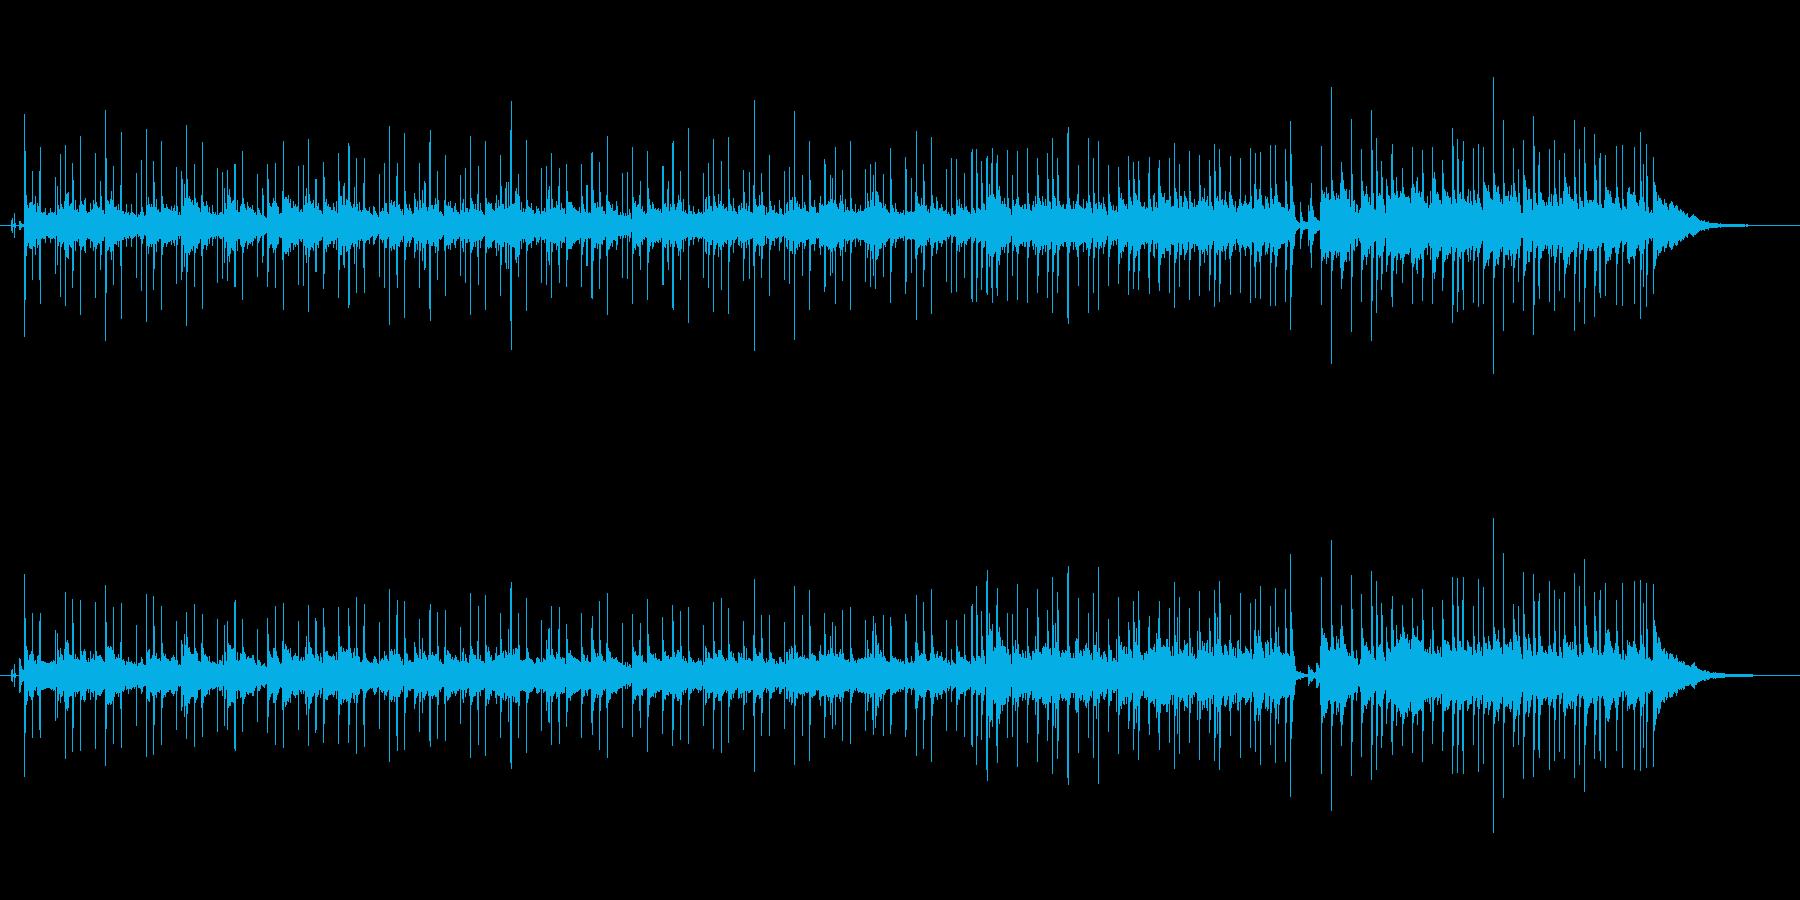 マイナー調ミディアム・バラードの再生済みの波形